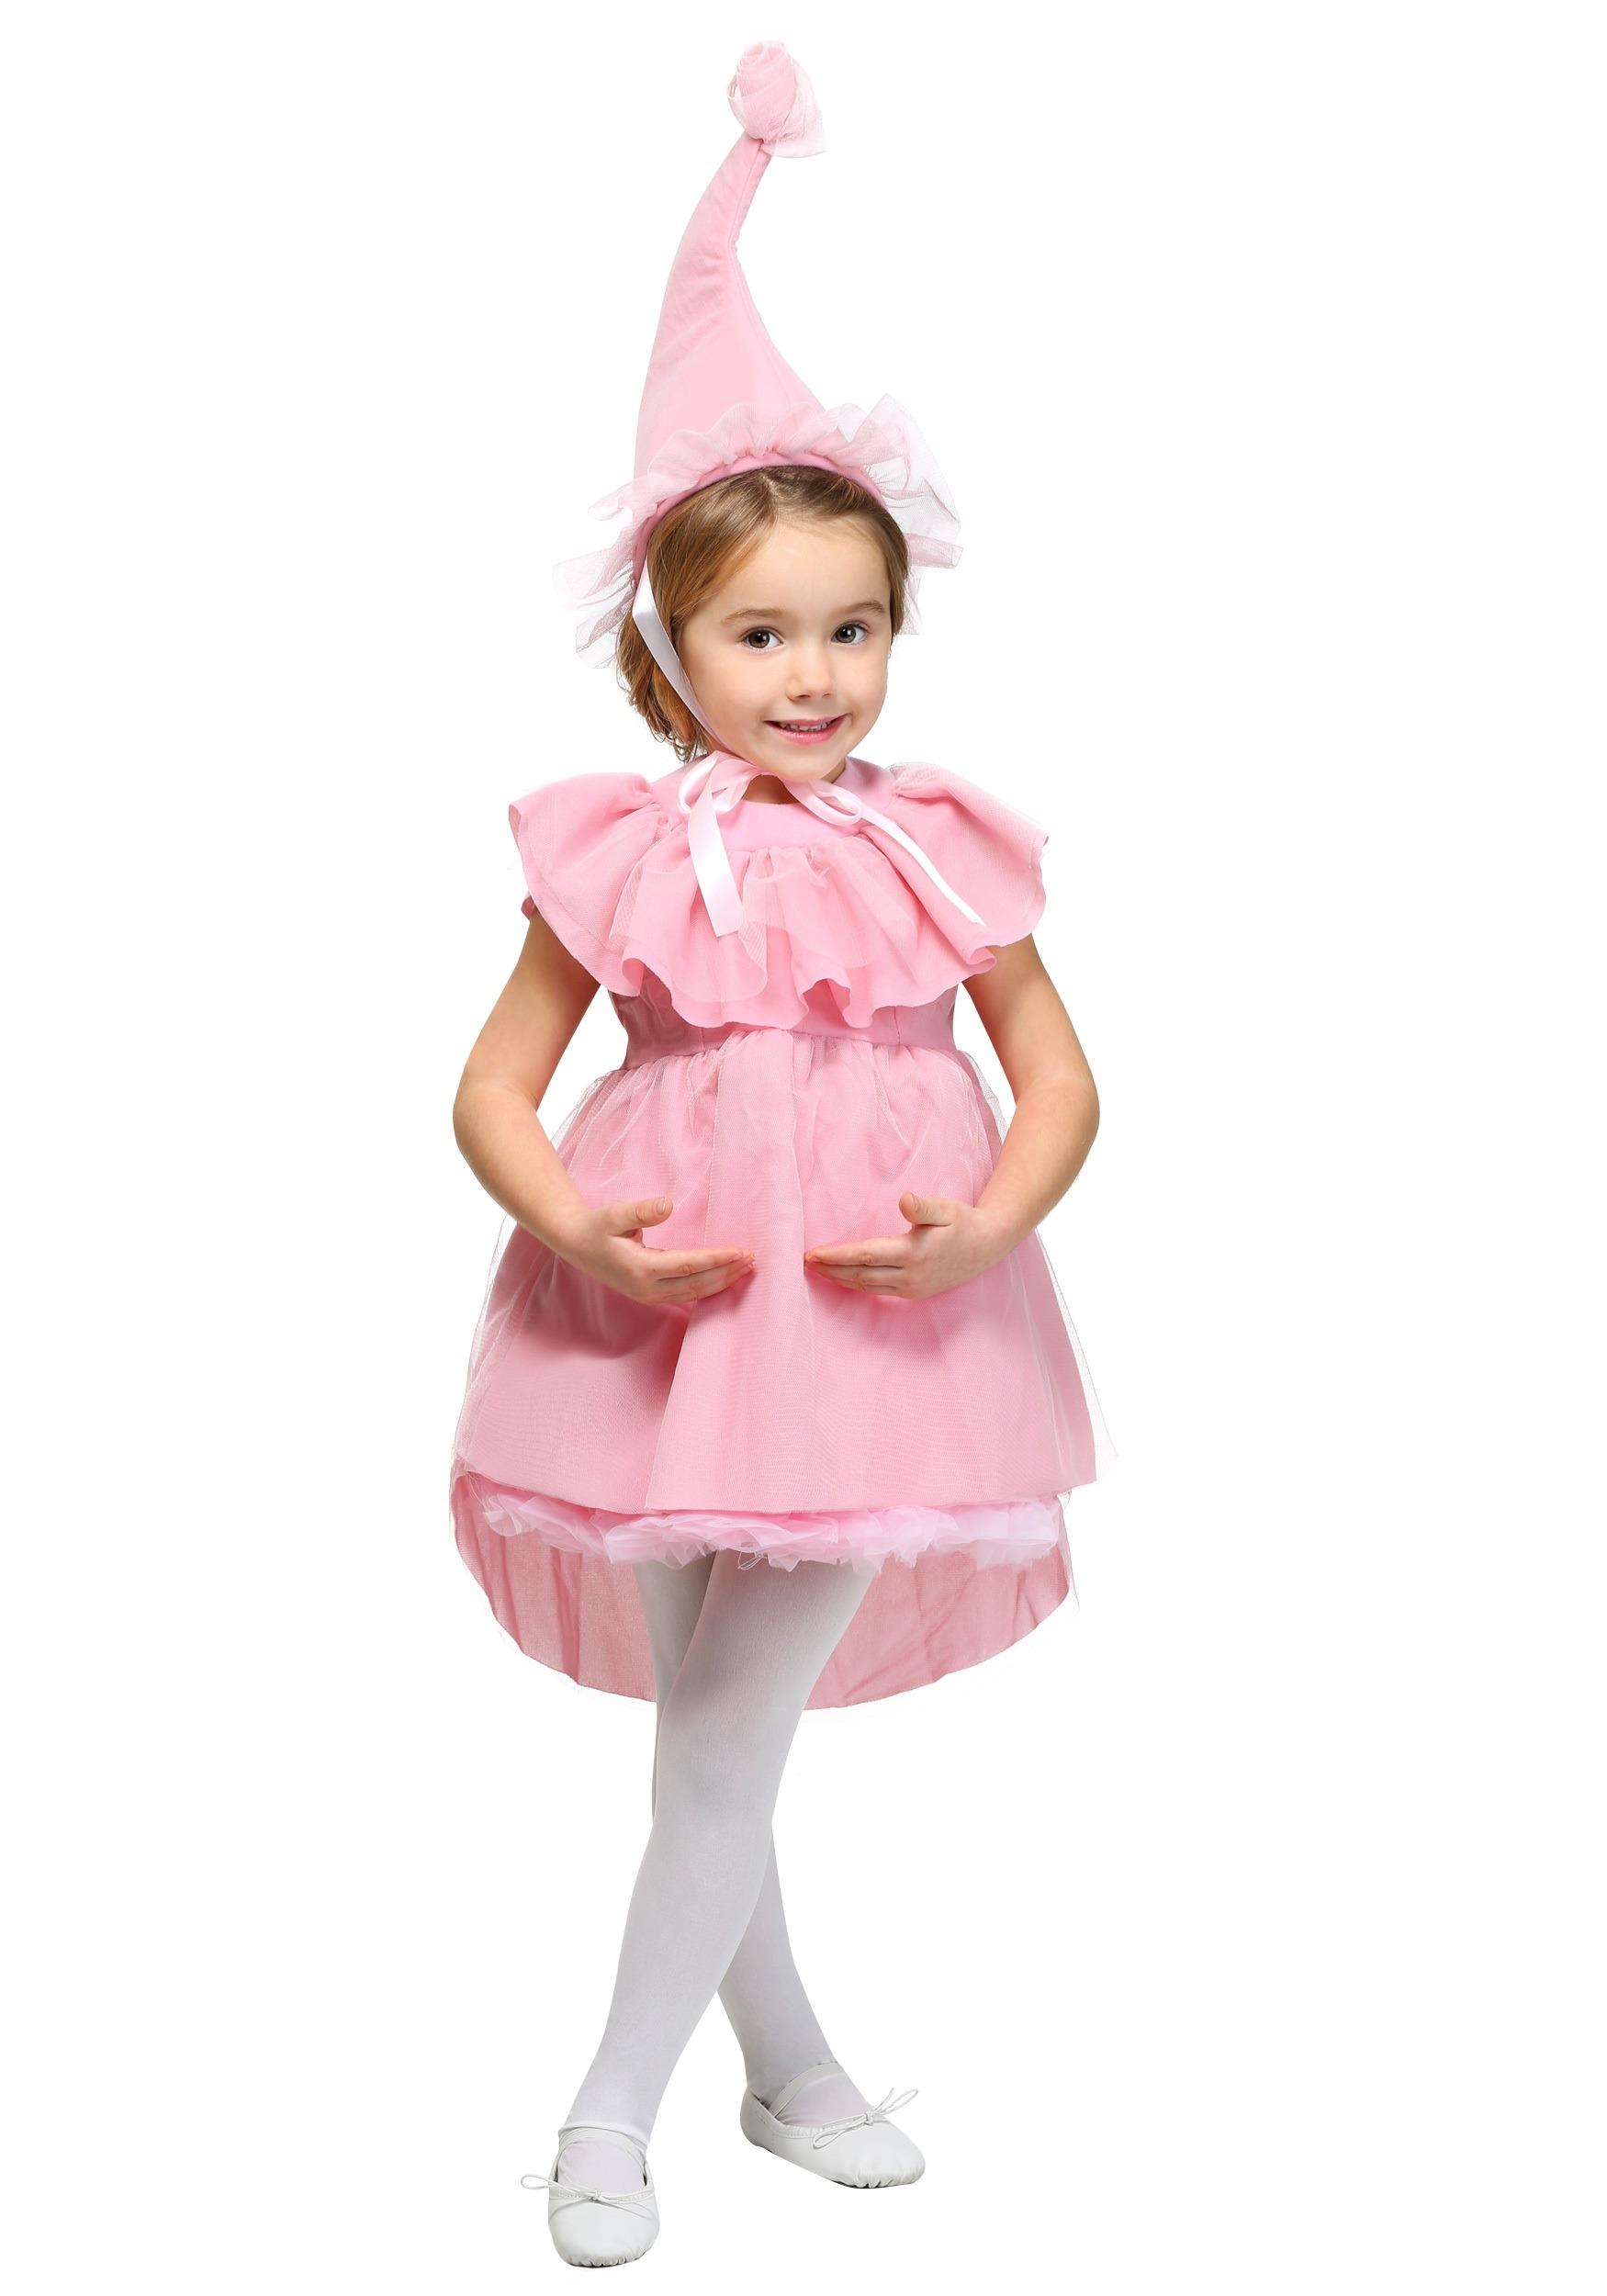 b43258003685 Ballet Dancer Costumes - Ballerina Costumes